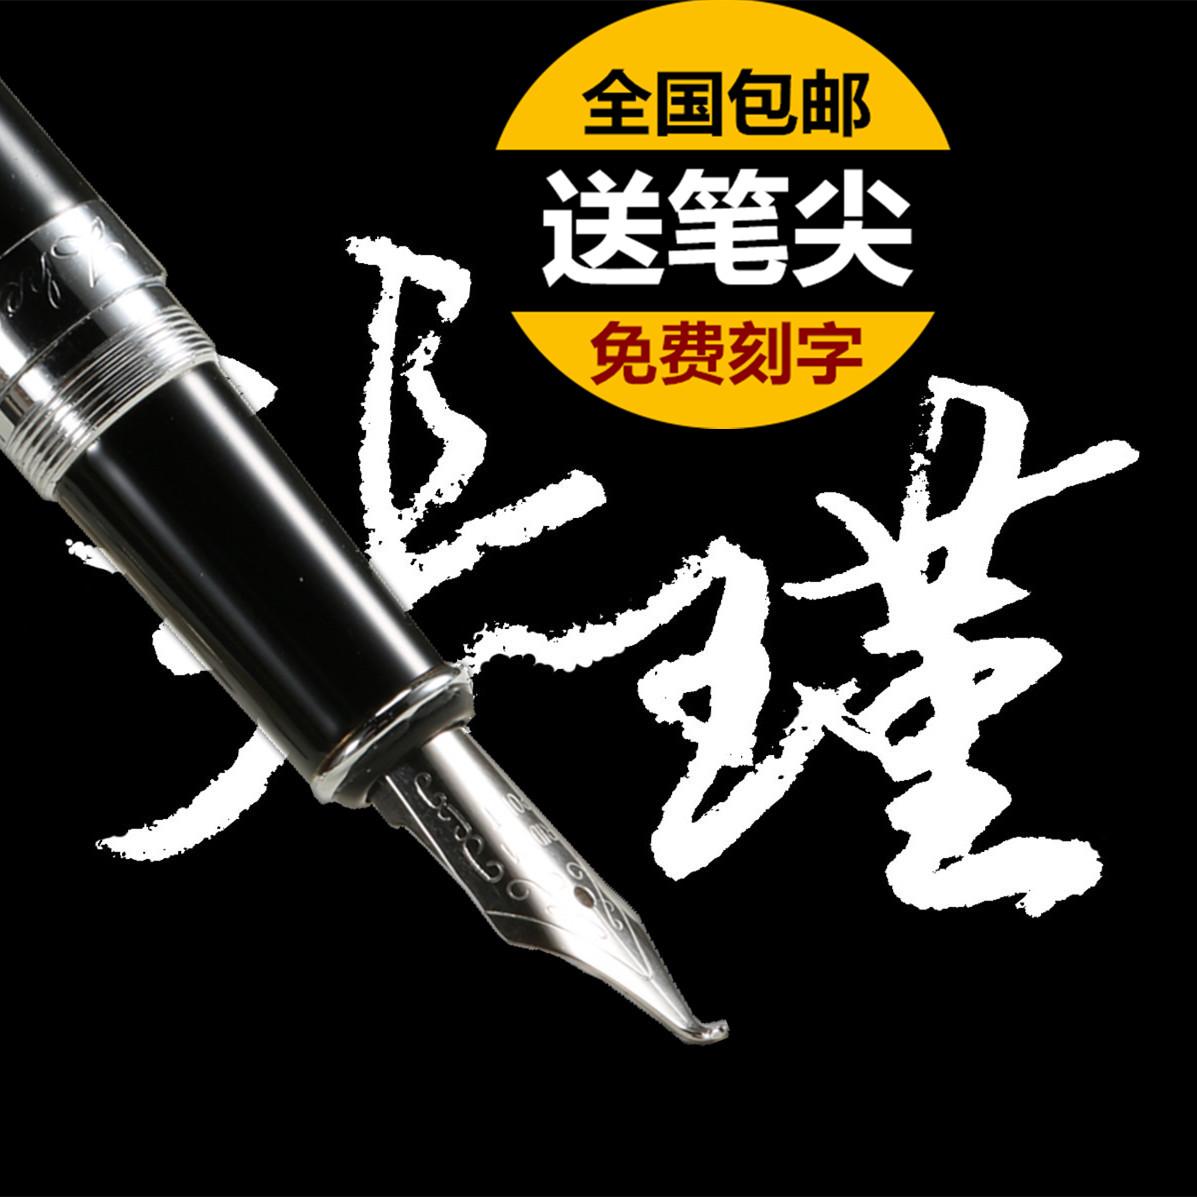 包邮弯尖钢笔美工笔弯头粗笔书法练字速写画画铱金老师批改办公笔